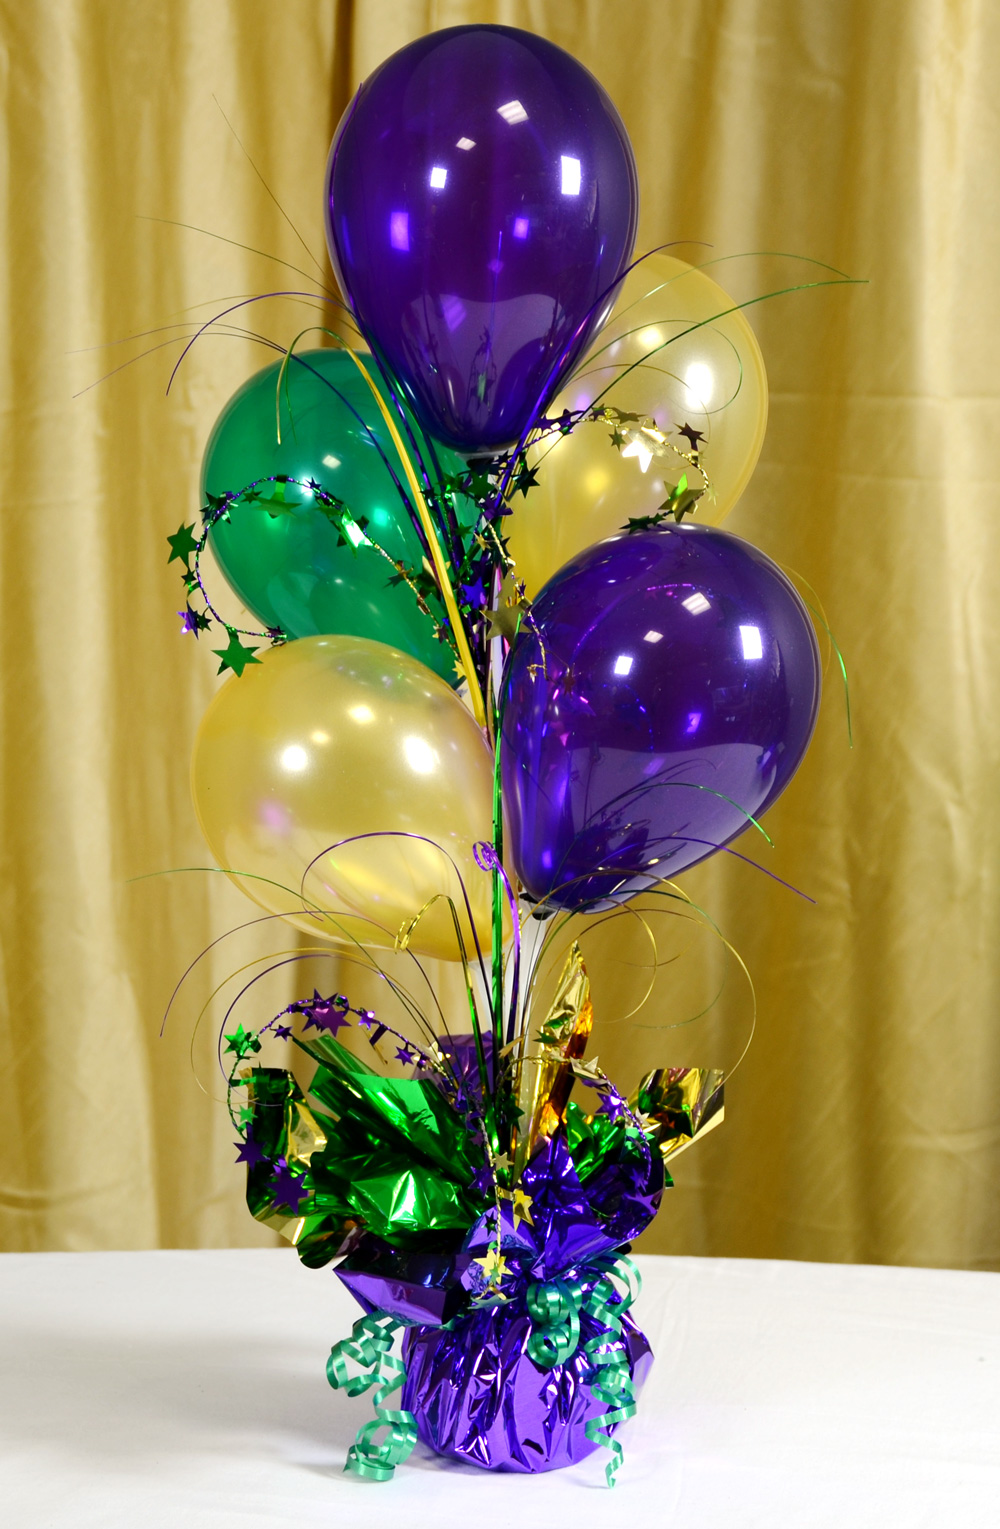 Airfilled Balloon Centerpieces Ideas & Tutorials Mardi